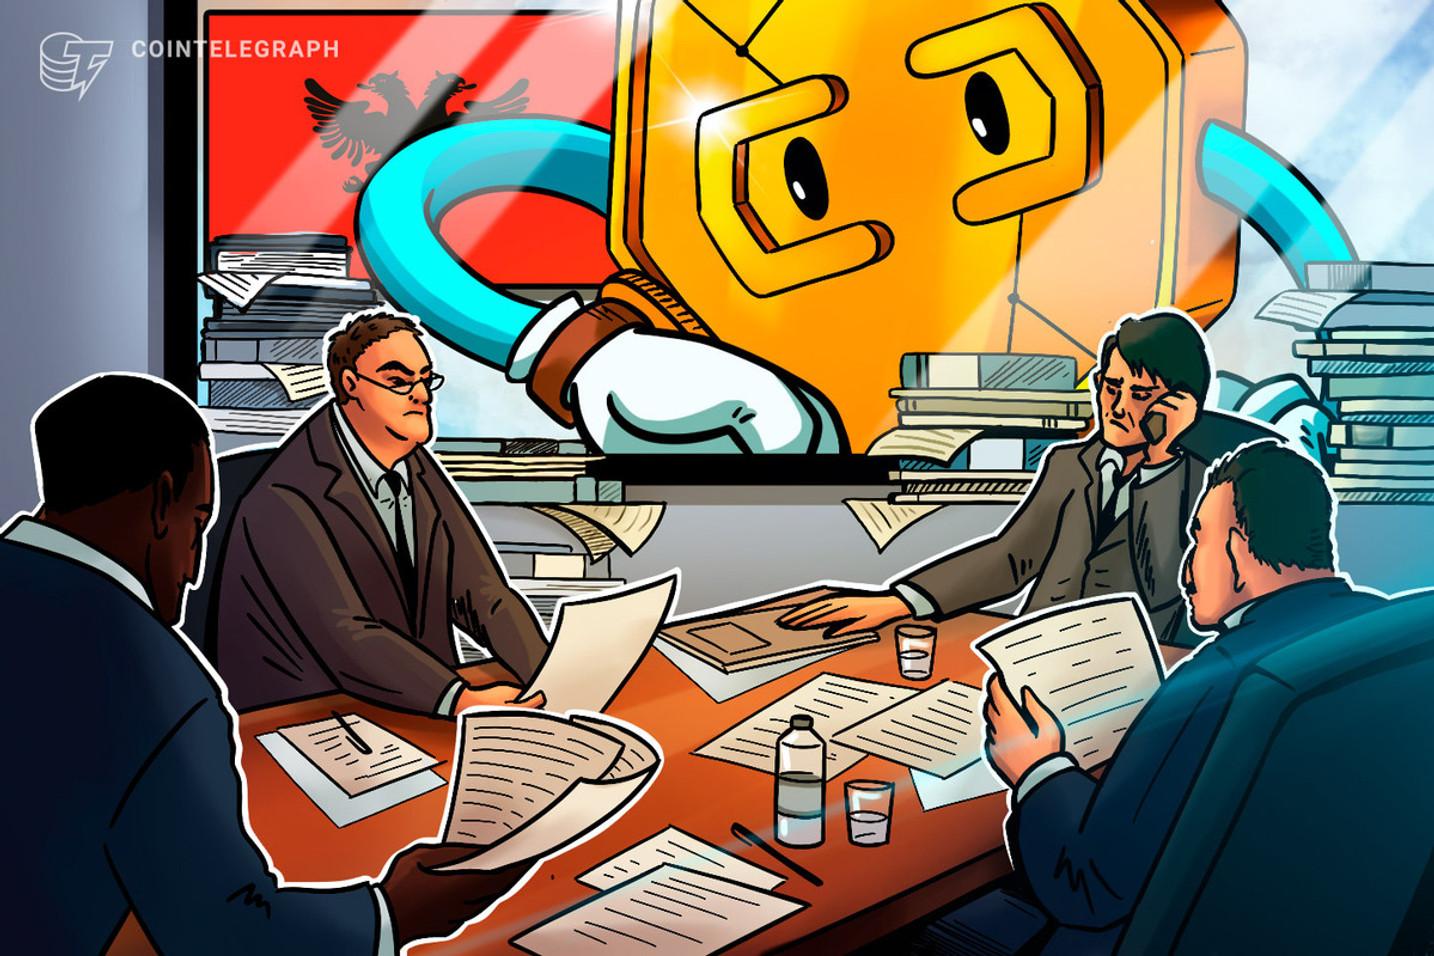 Albanien verabschiedet umfangreichstes europäisches Krypto-Gesetz